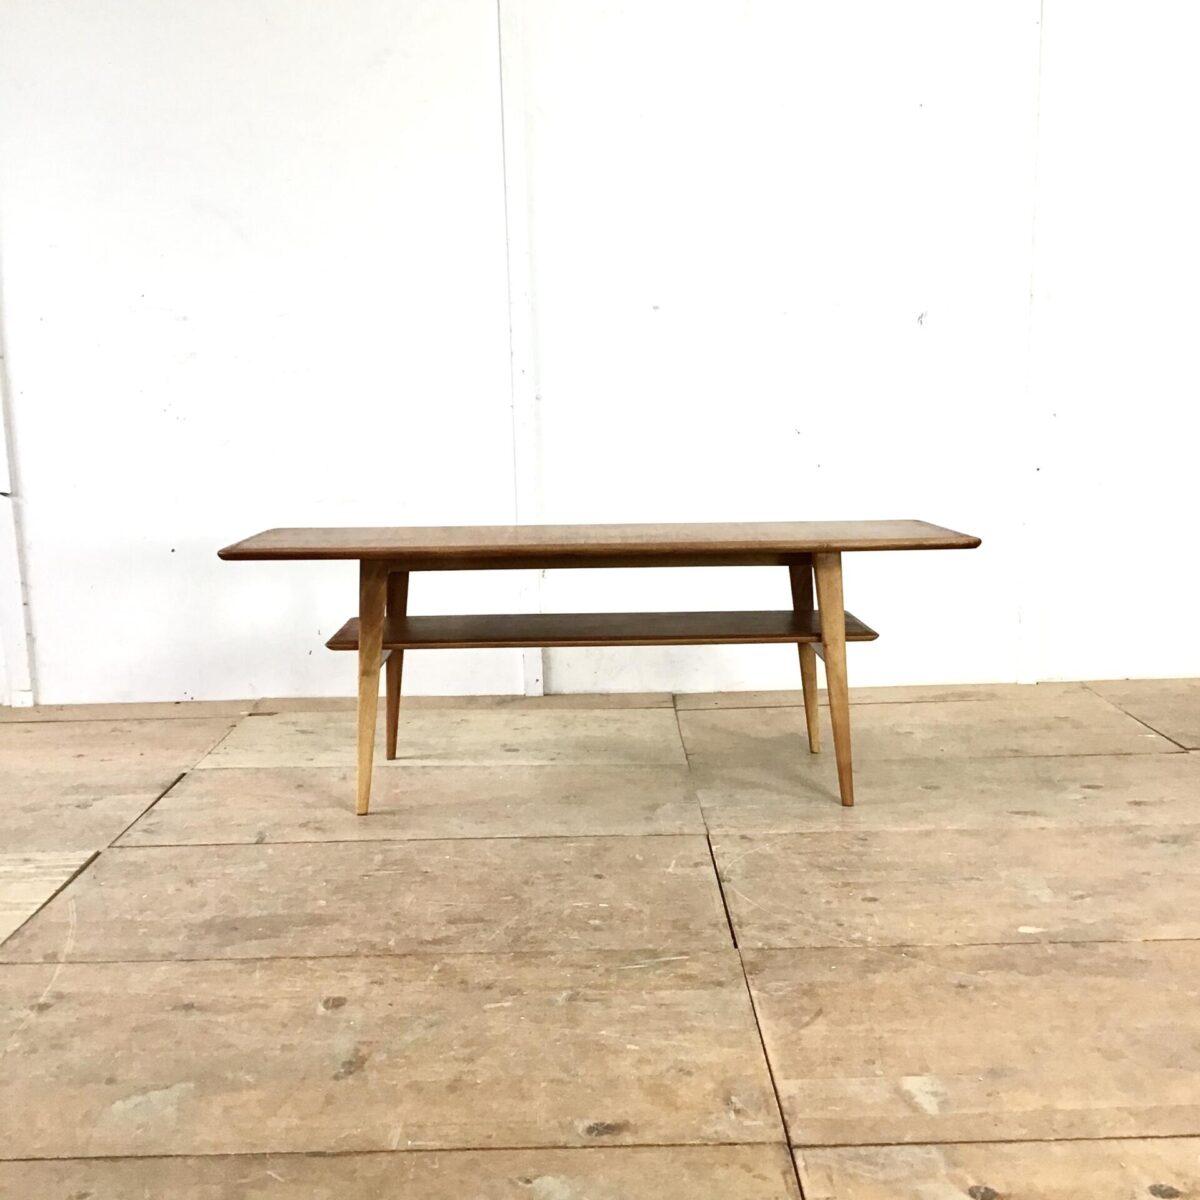 Vintage Salontisch 135cm mal 50cm Höhe 48cm. Länglicher Couchtisch Nussbaum mit Schachbrett Muster. Tischblatt und zeitungsfach furniert. Tischgestell aus vollholz.